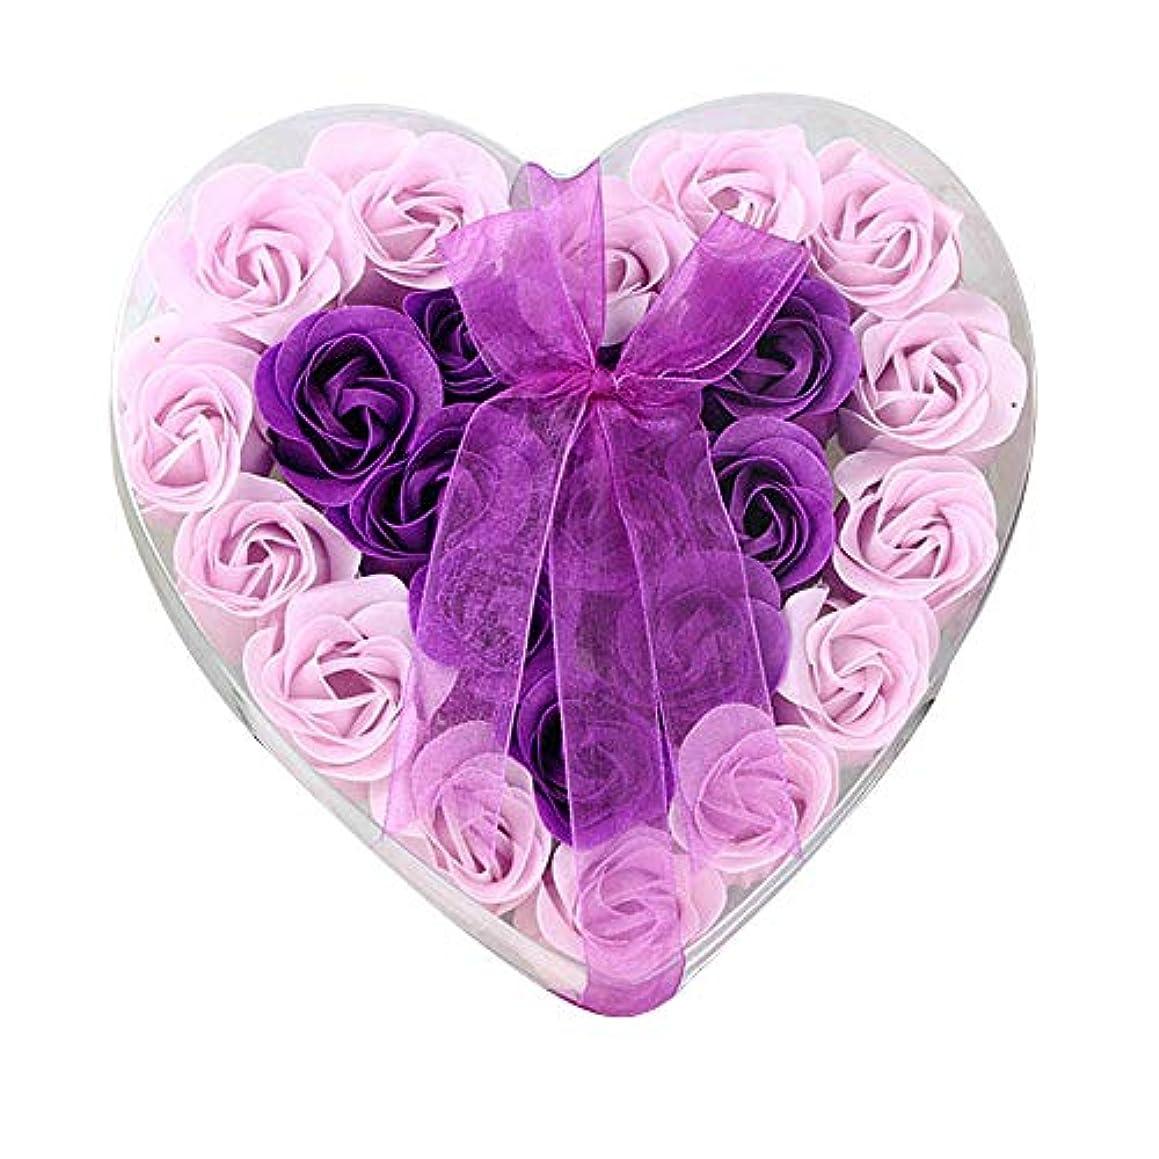 フェリー金銭的な意志24個の手作りのローズ香りのバスソープの花びら香りのバスソープは、ギフトボックスの花びらをバラ (色 : 紫の)